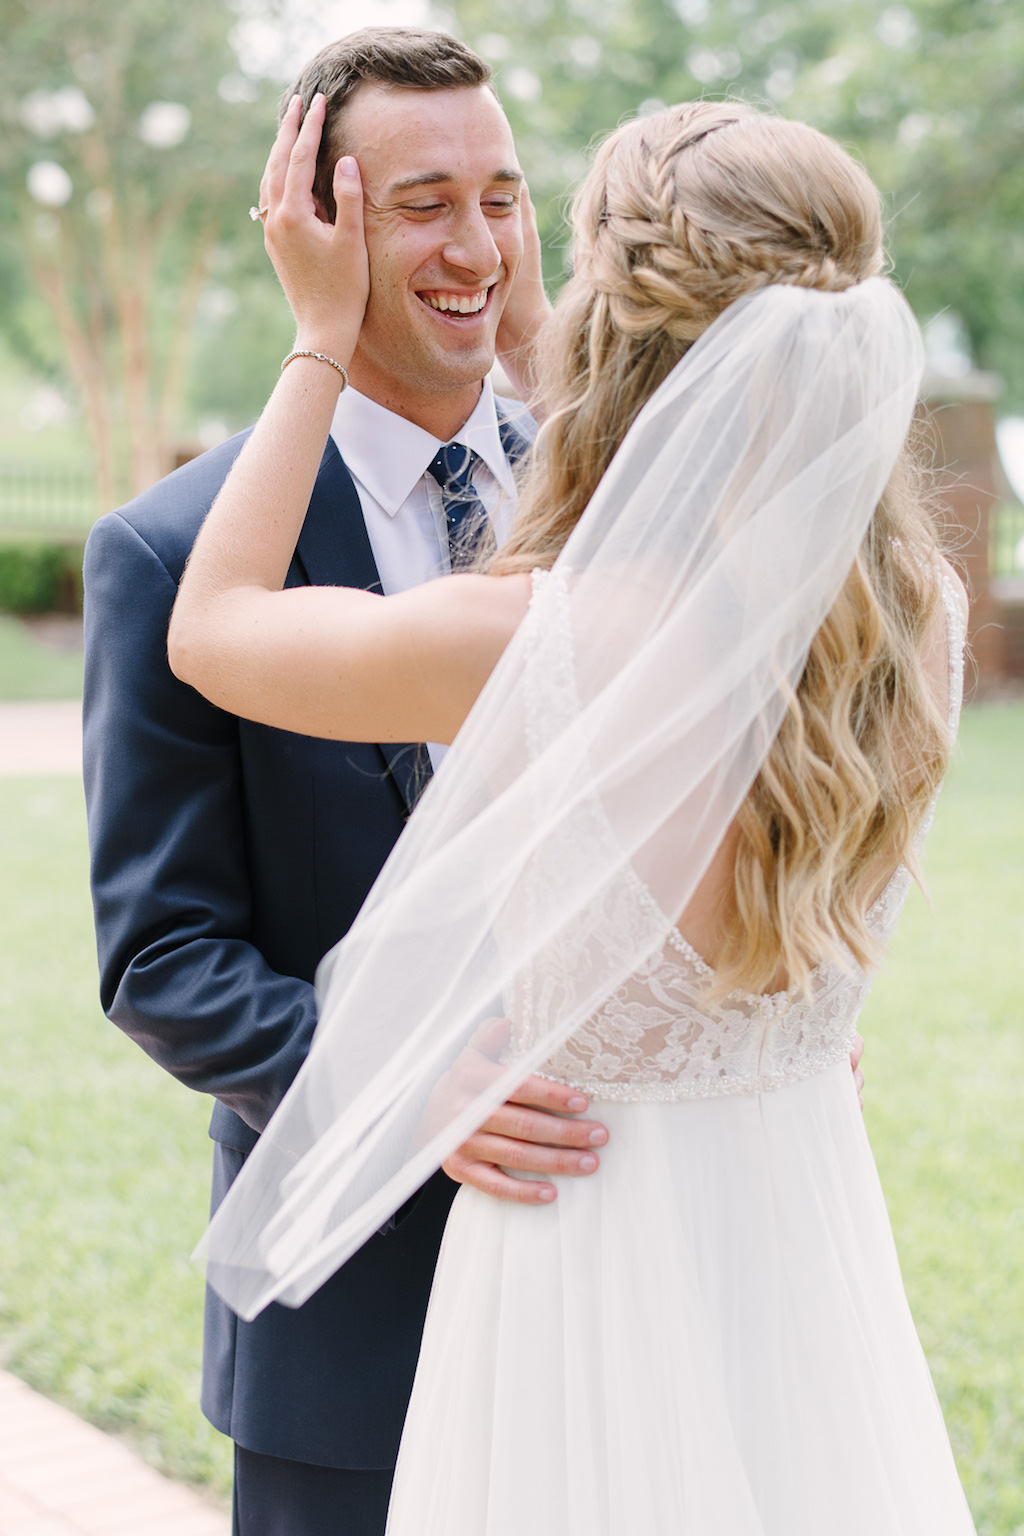 Outdoor Bride and Groom First Look Wedding Portrait